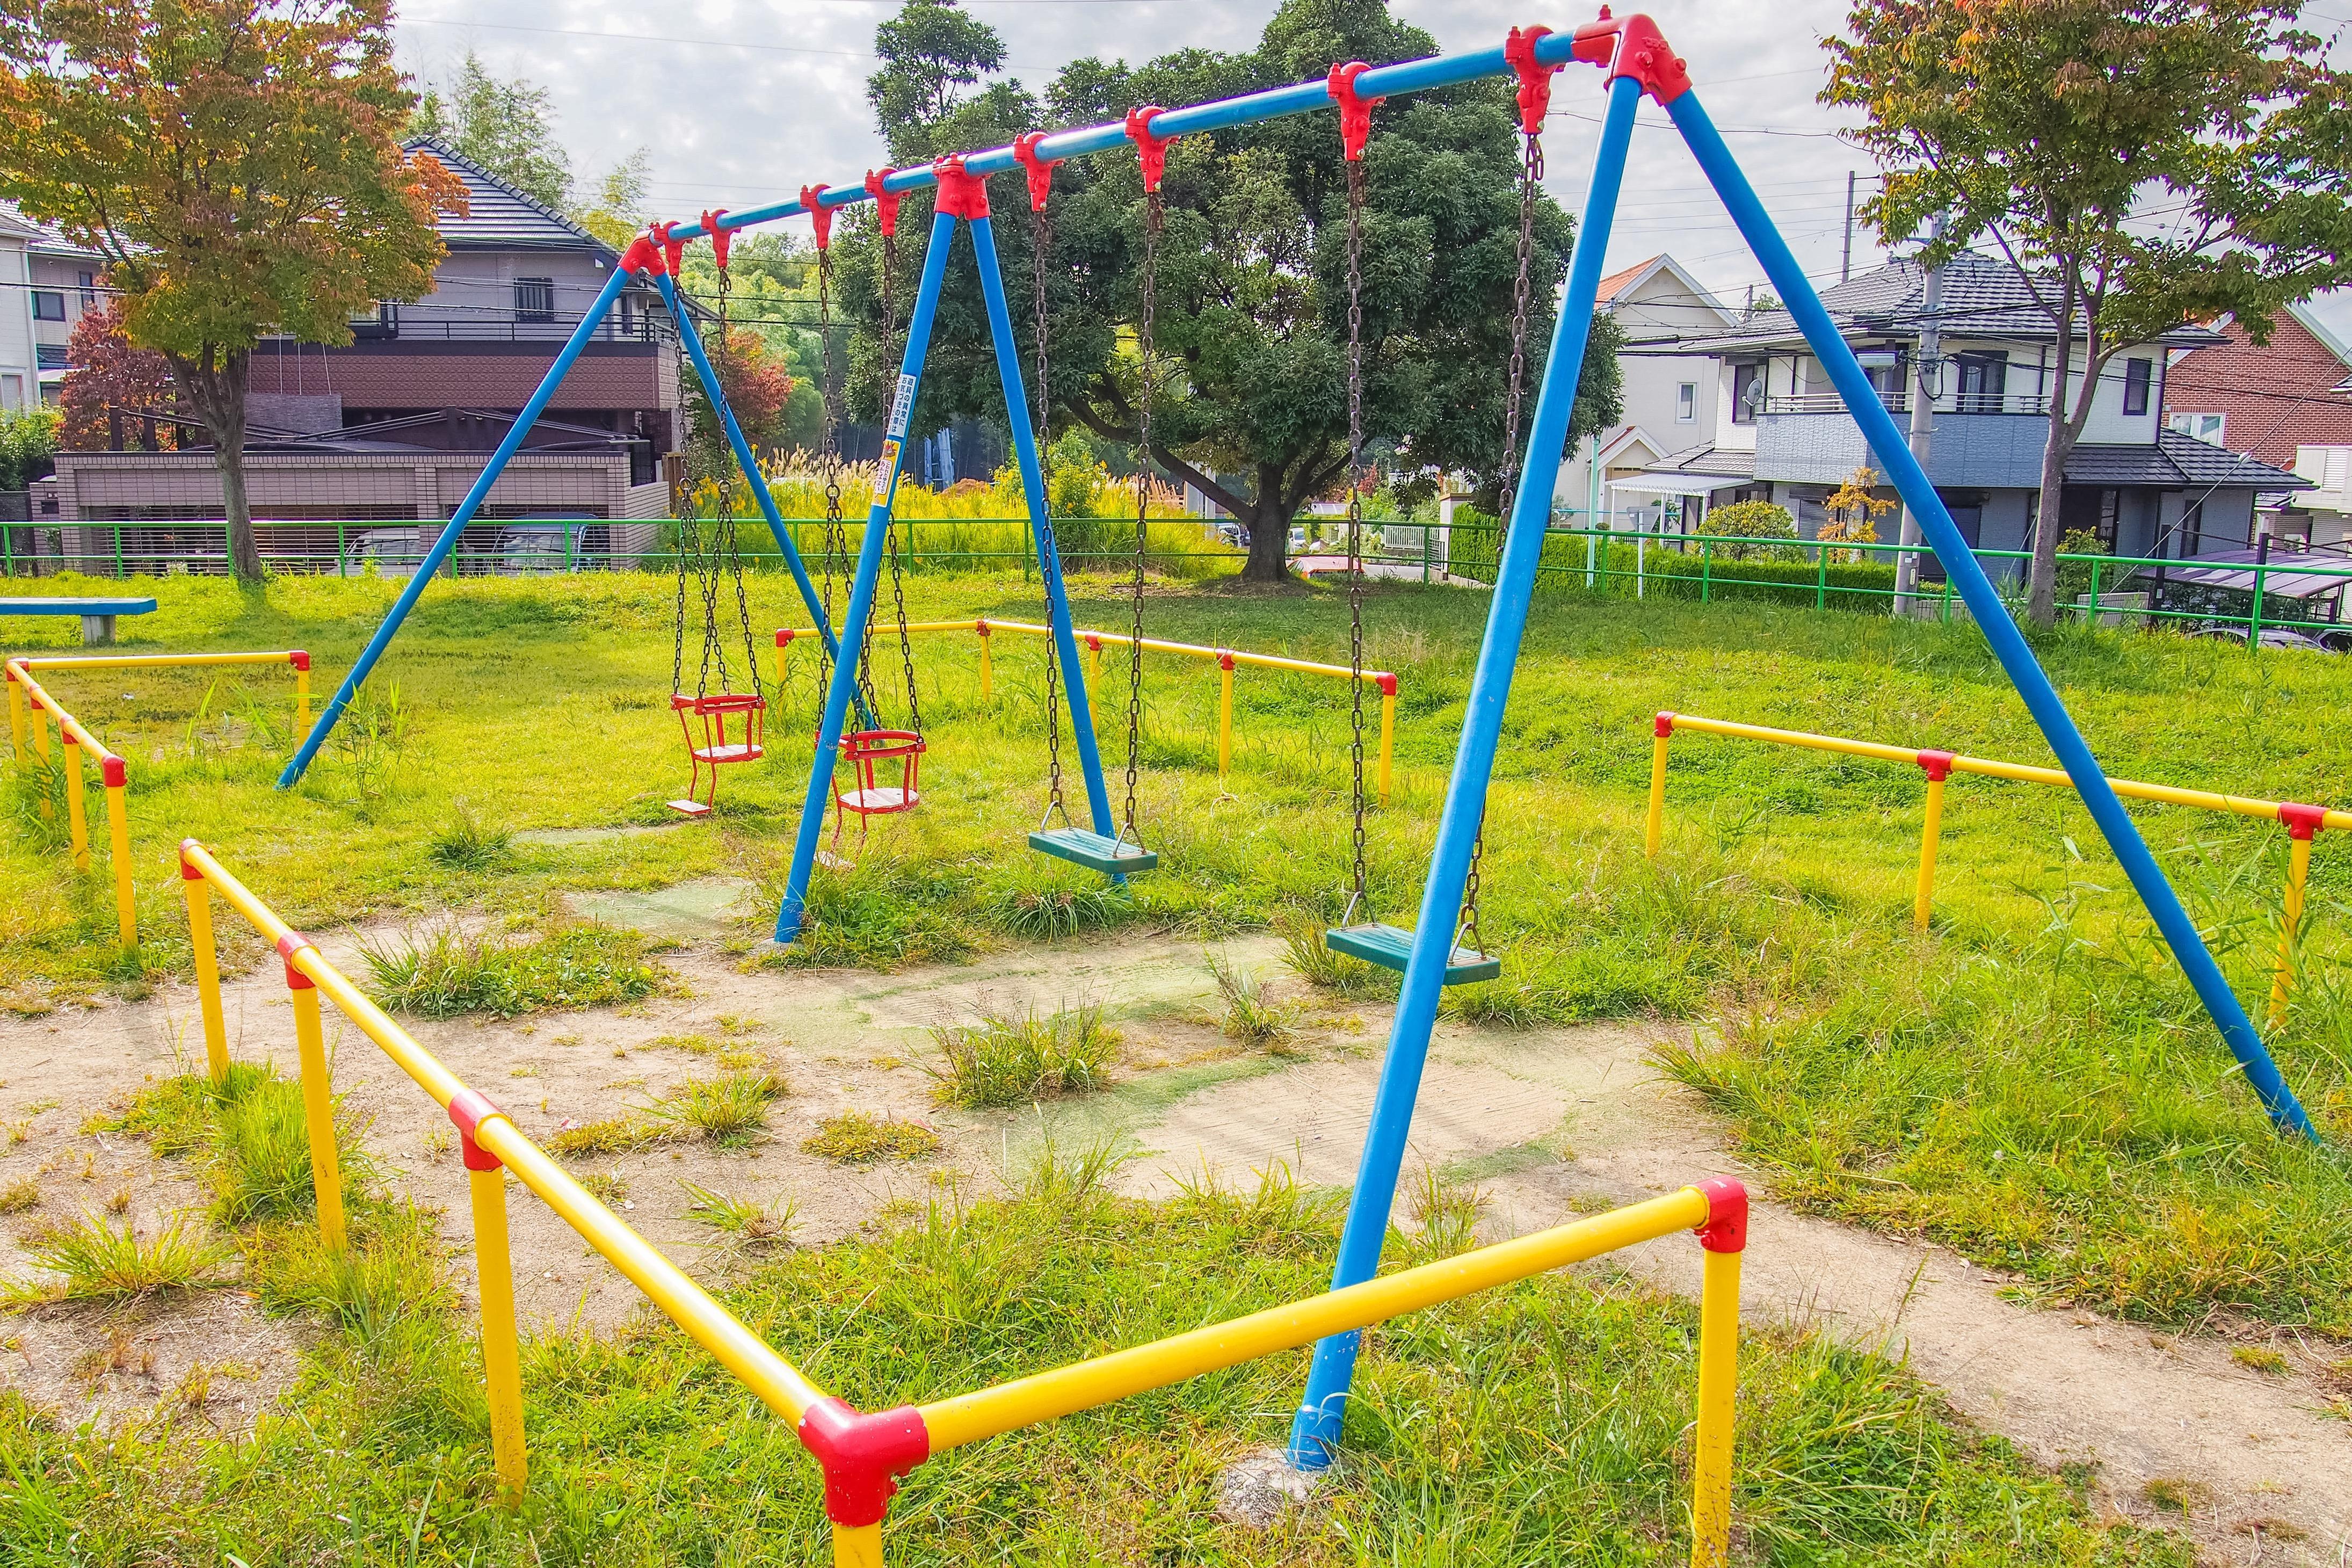 横浜で子供と一緒に公園遊び!遊具が充実の公園おすすめ10選 | たびこふれ